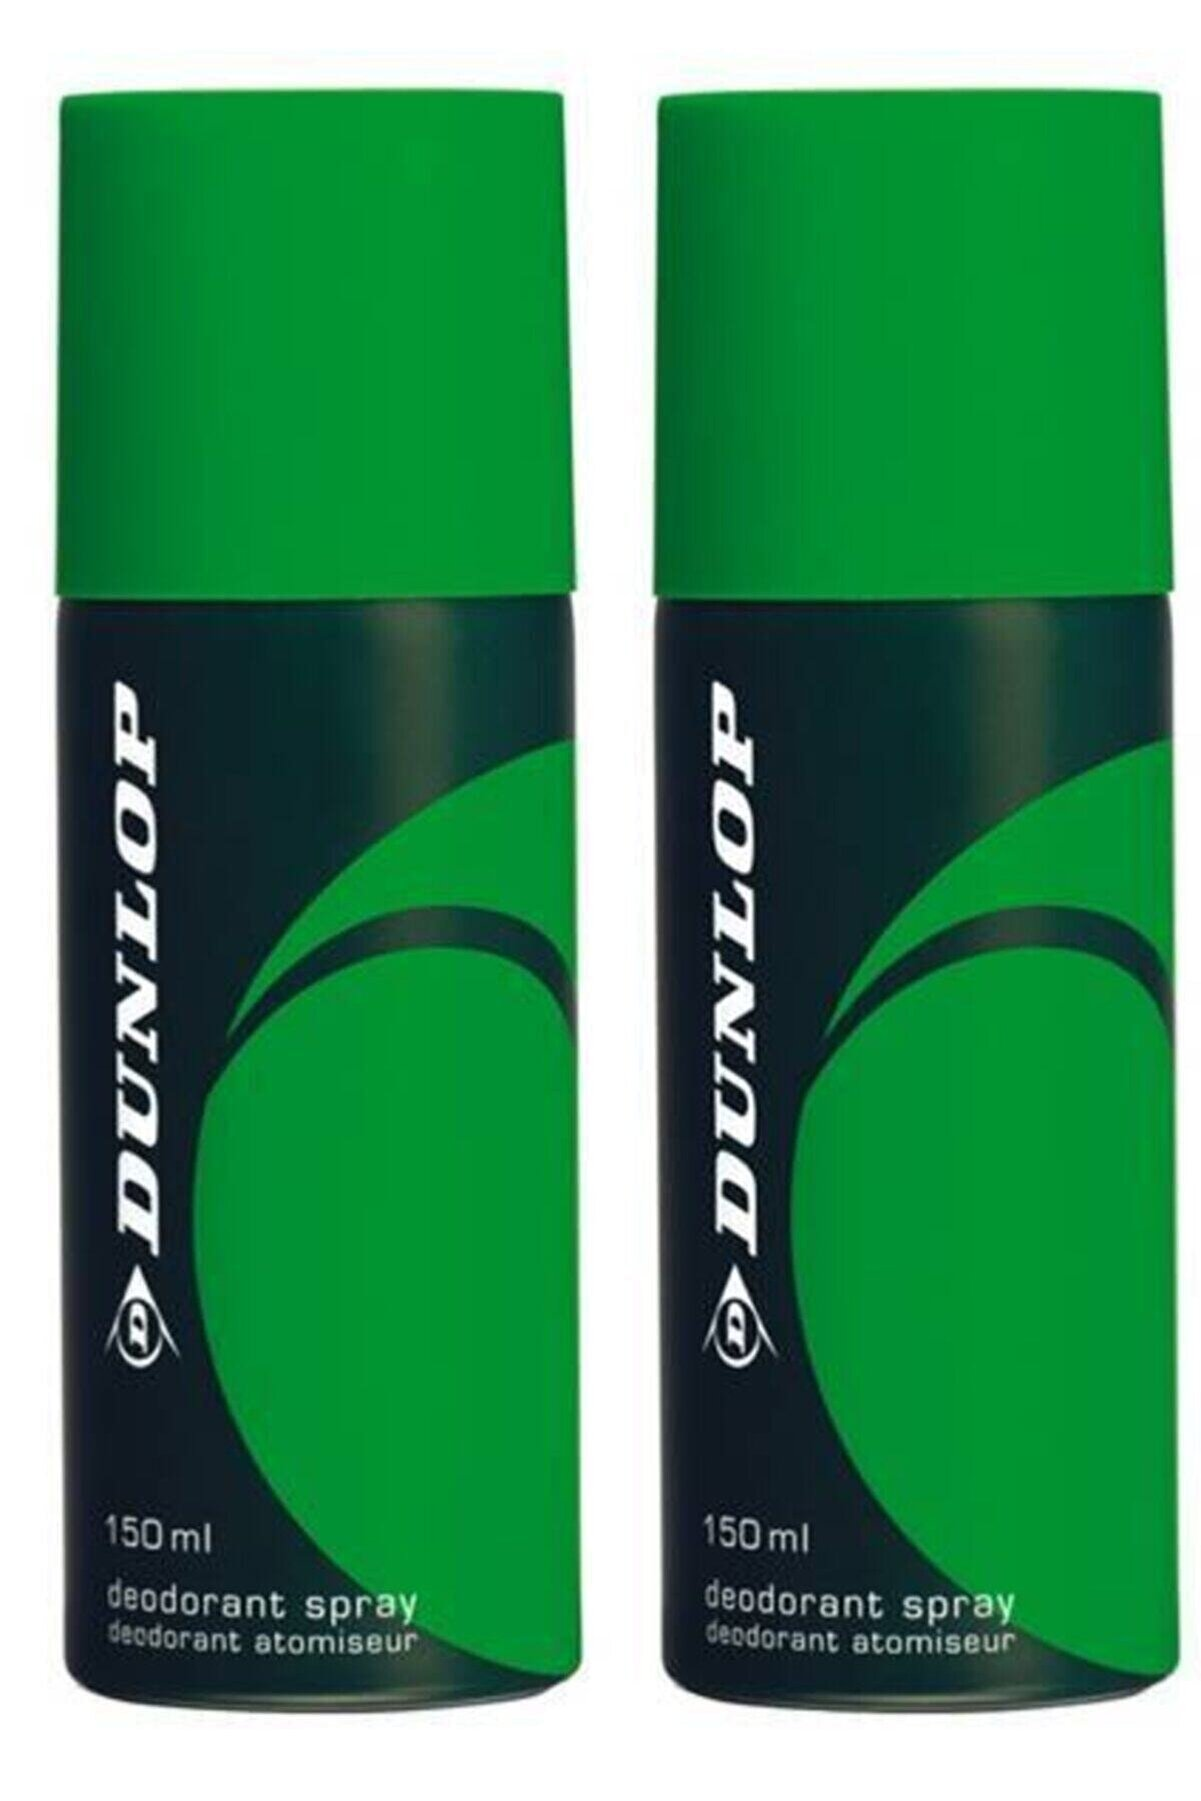 Dunlop Erkek Deodorant Yeşil 150 ml X 2 Adet